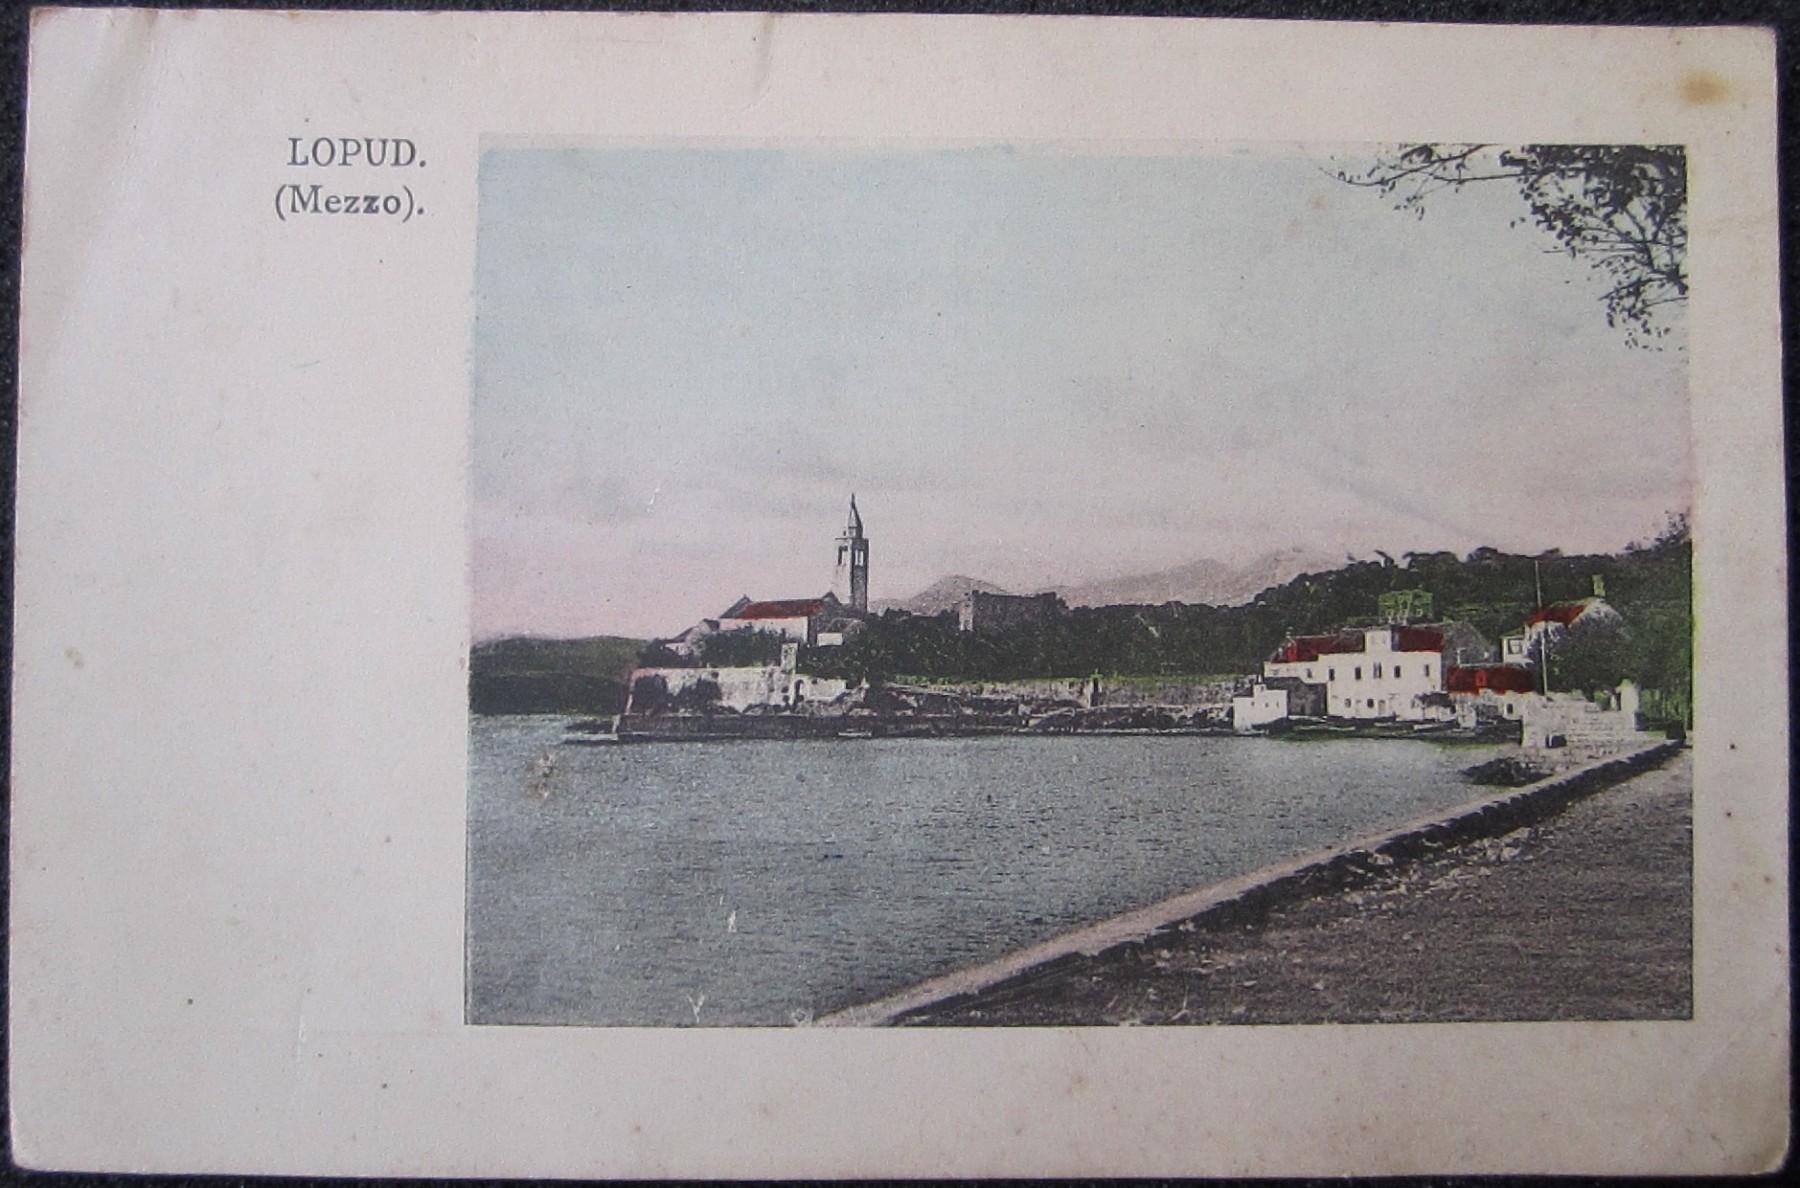 https://static.kupindoslike.com/Razglednica-Hrvatska-Lopud-1936-_slika_O_70836131.jpg